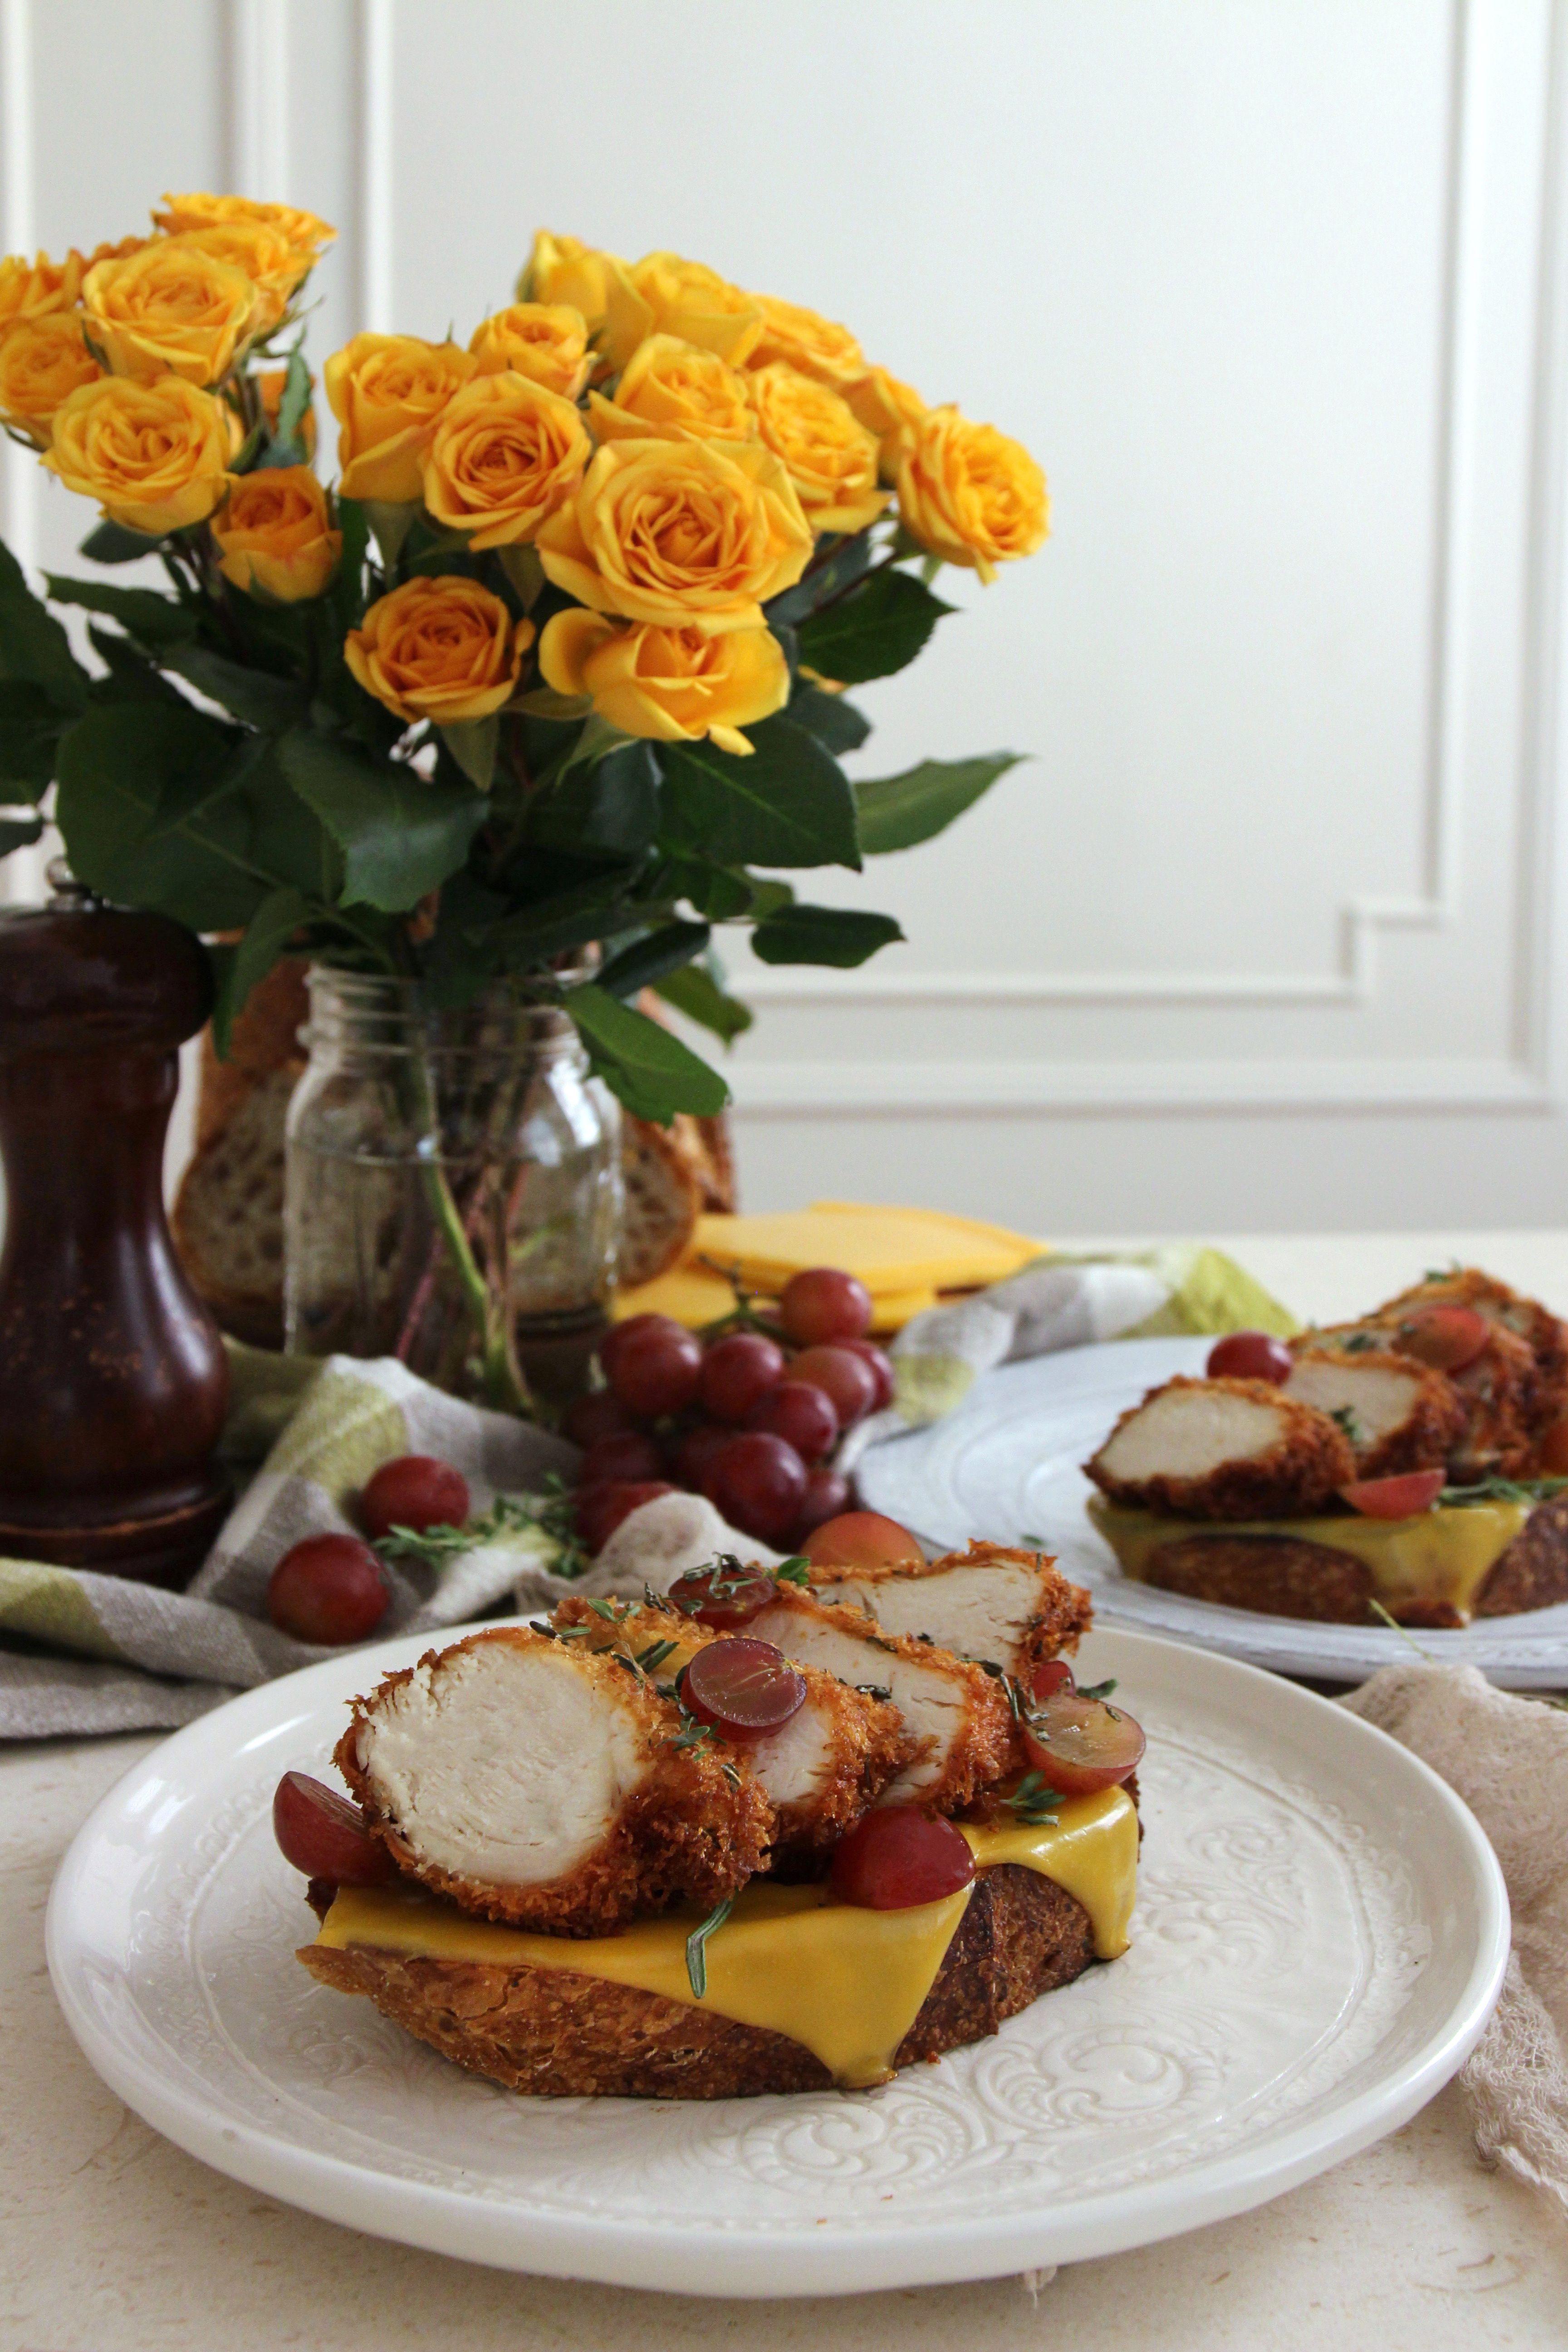 Fried Chicken Open-Faced Sandwich